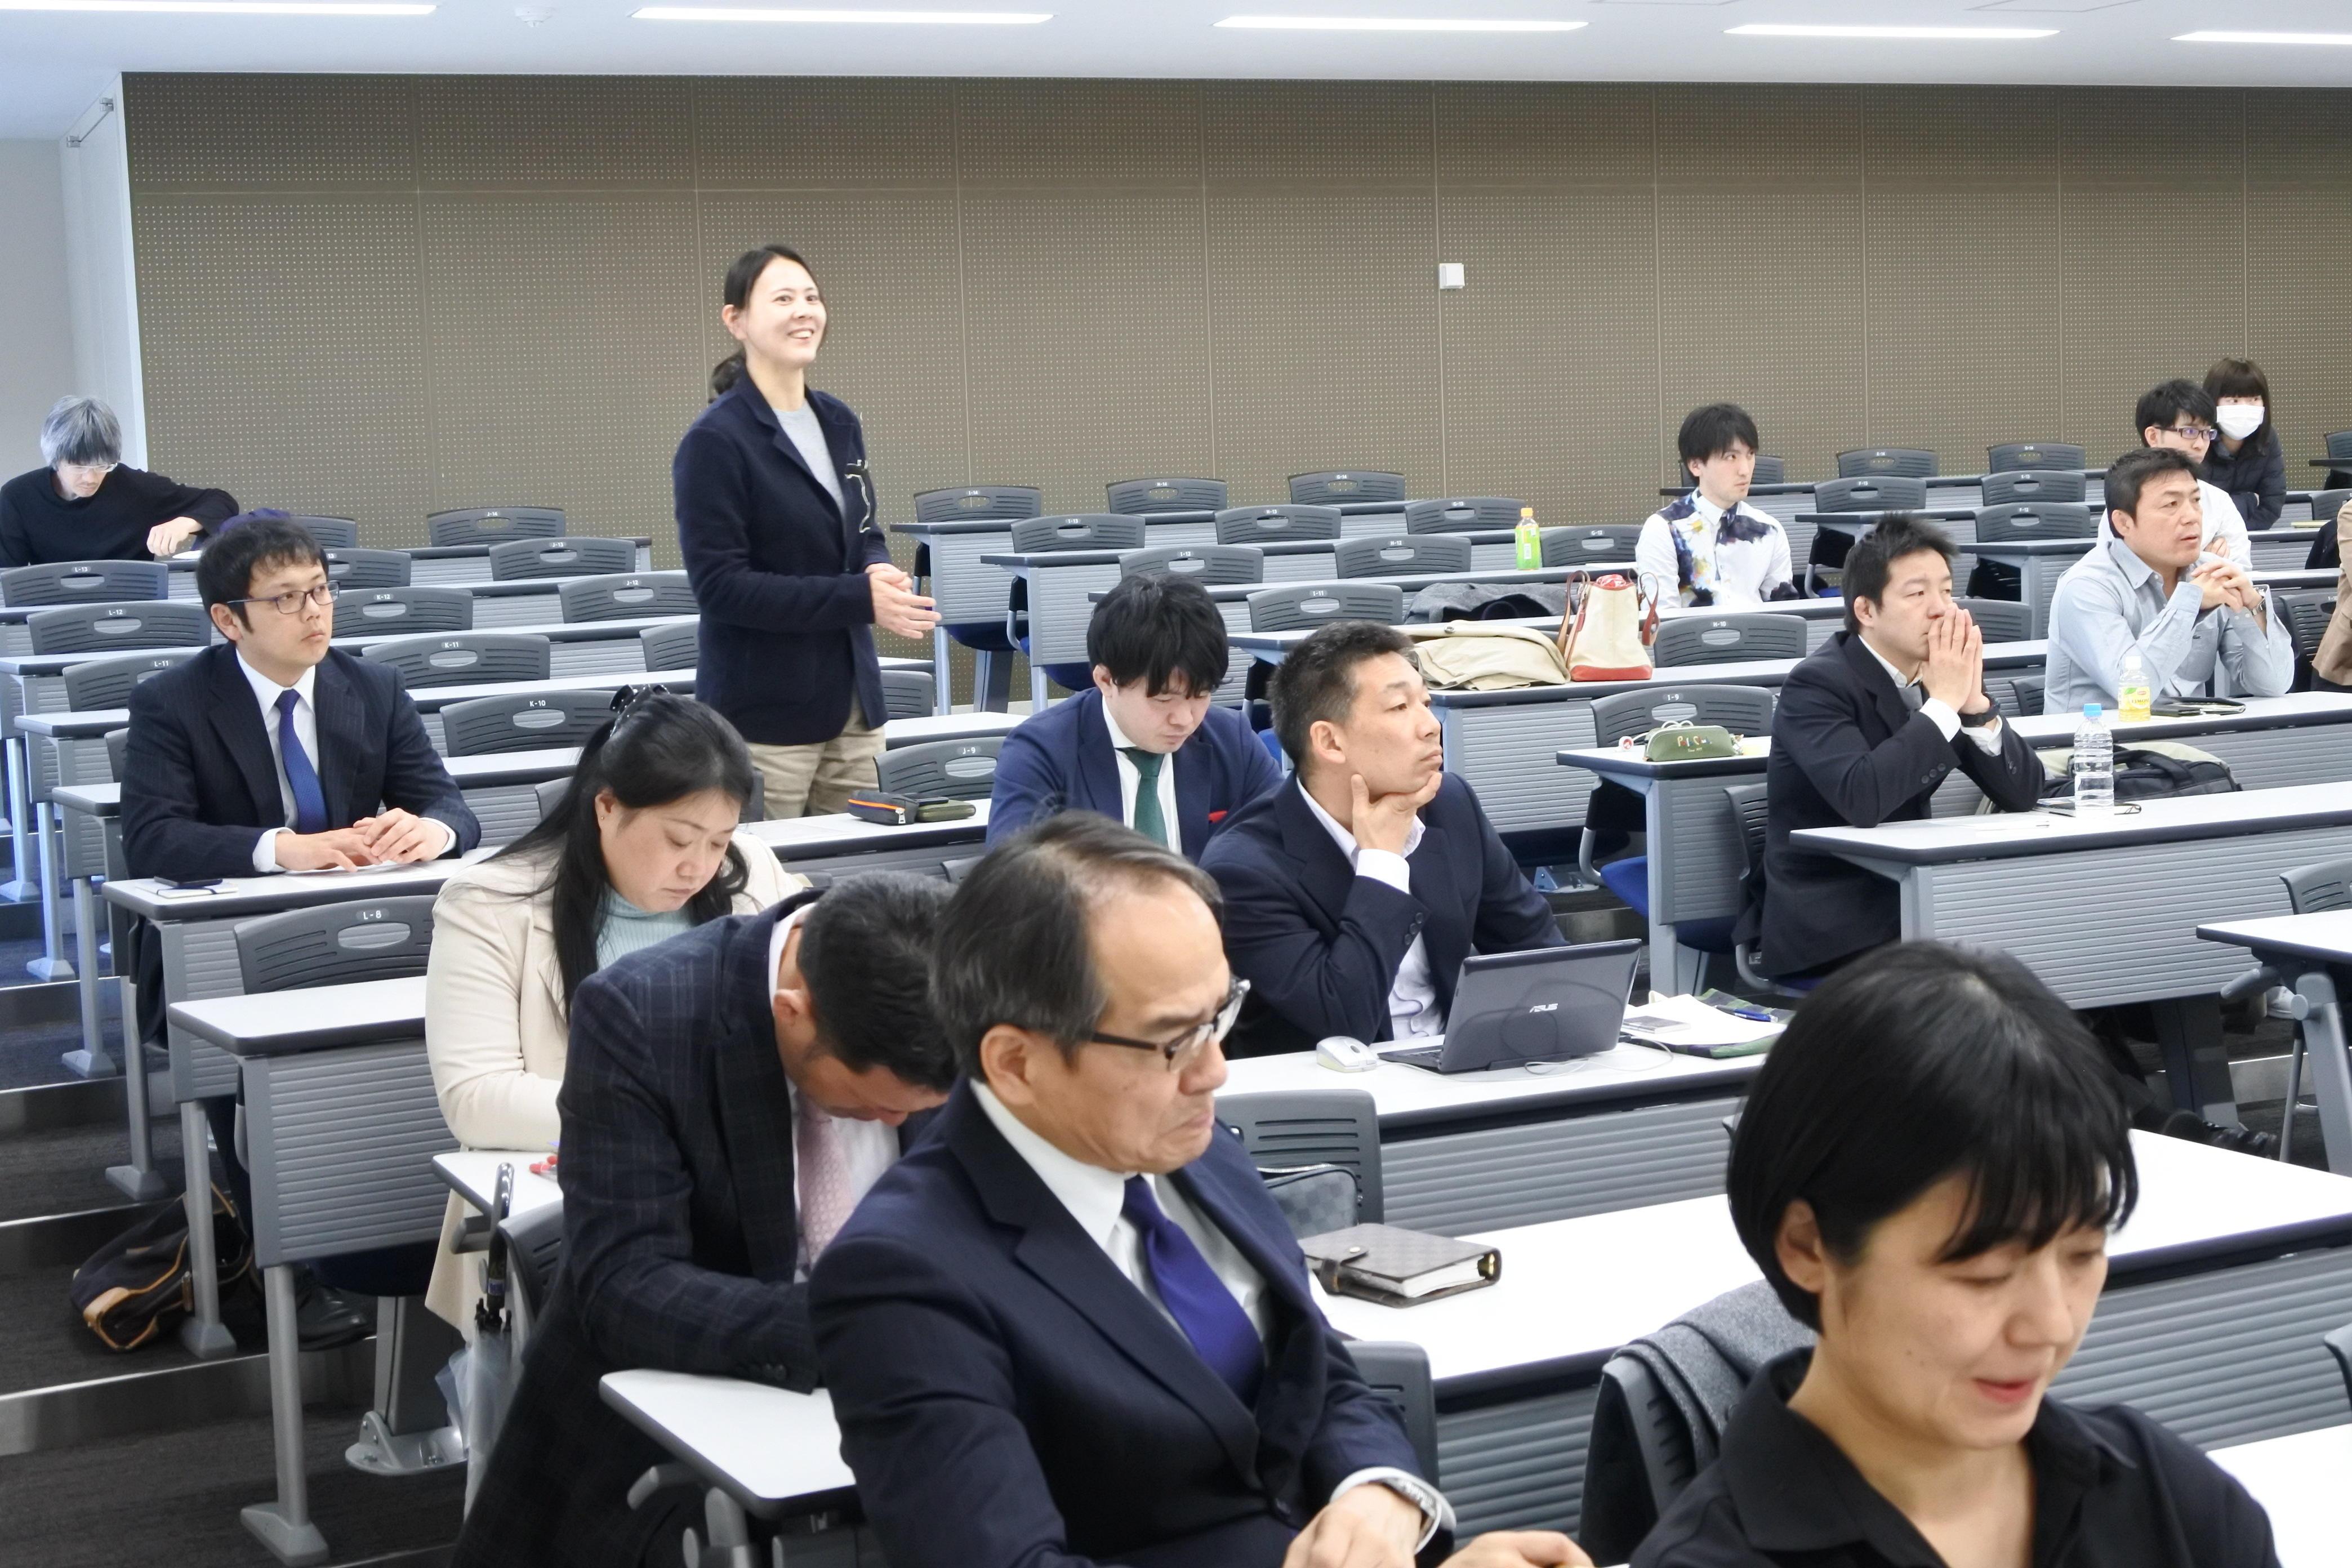 バレーボール部のケースについて話す金子美由紀准教授